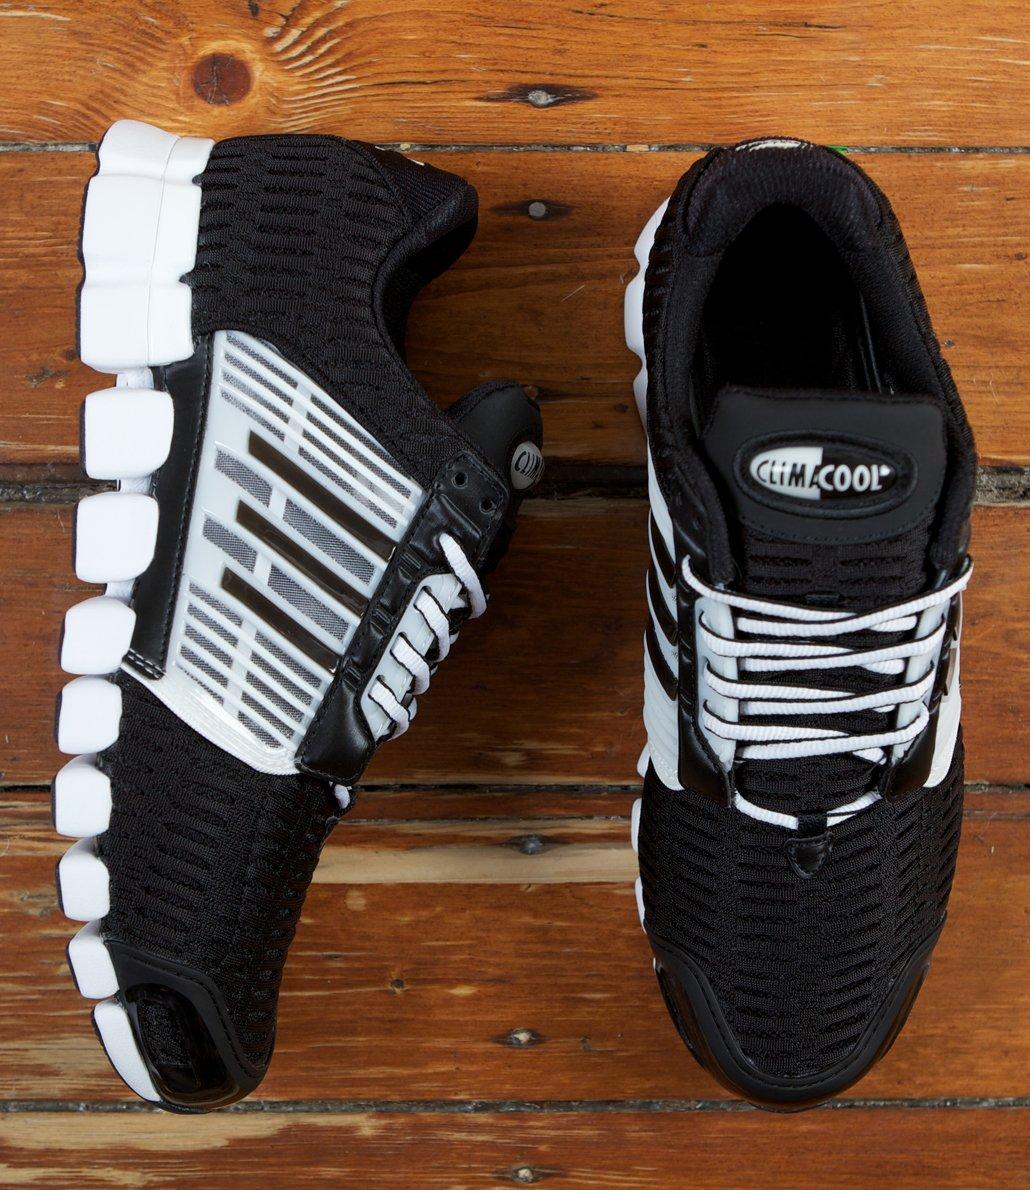 reputable site a1386 b1d17 ... Foot adidas Originals by David Beckham adiMEGA Torsion Flex CC Black -  New Images ...